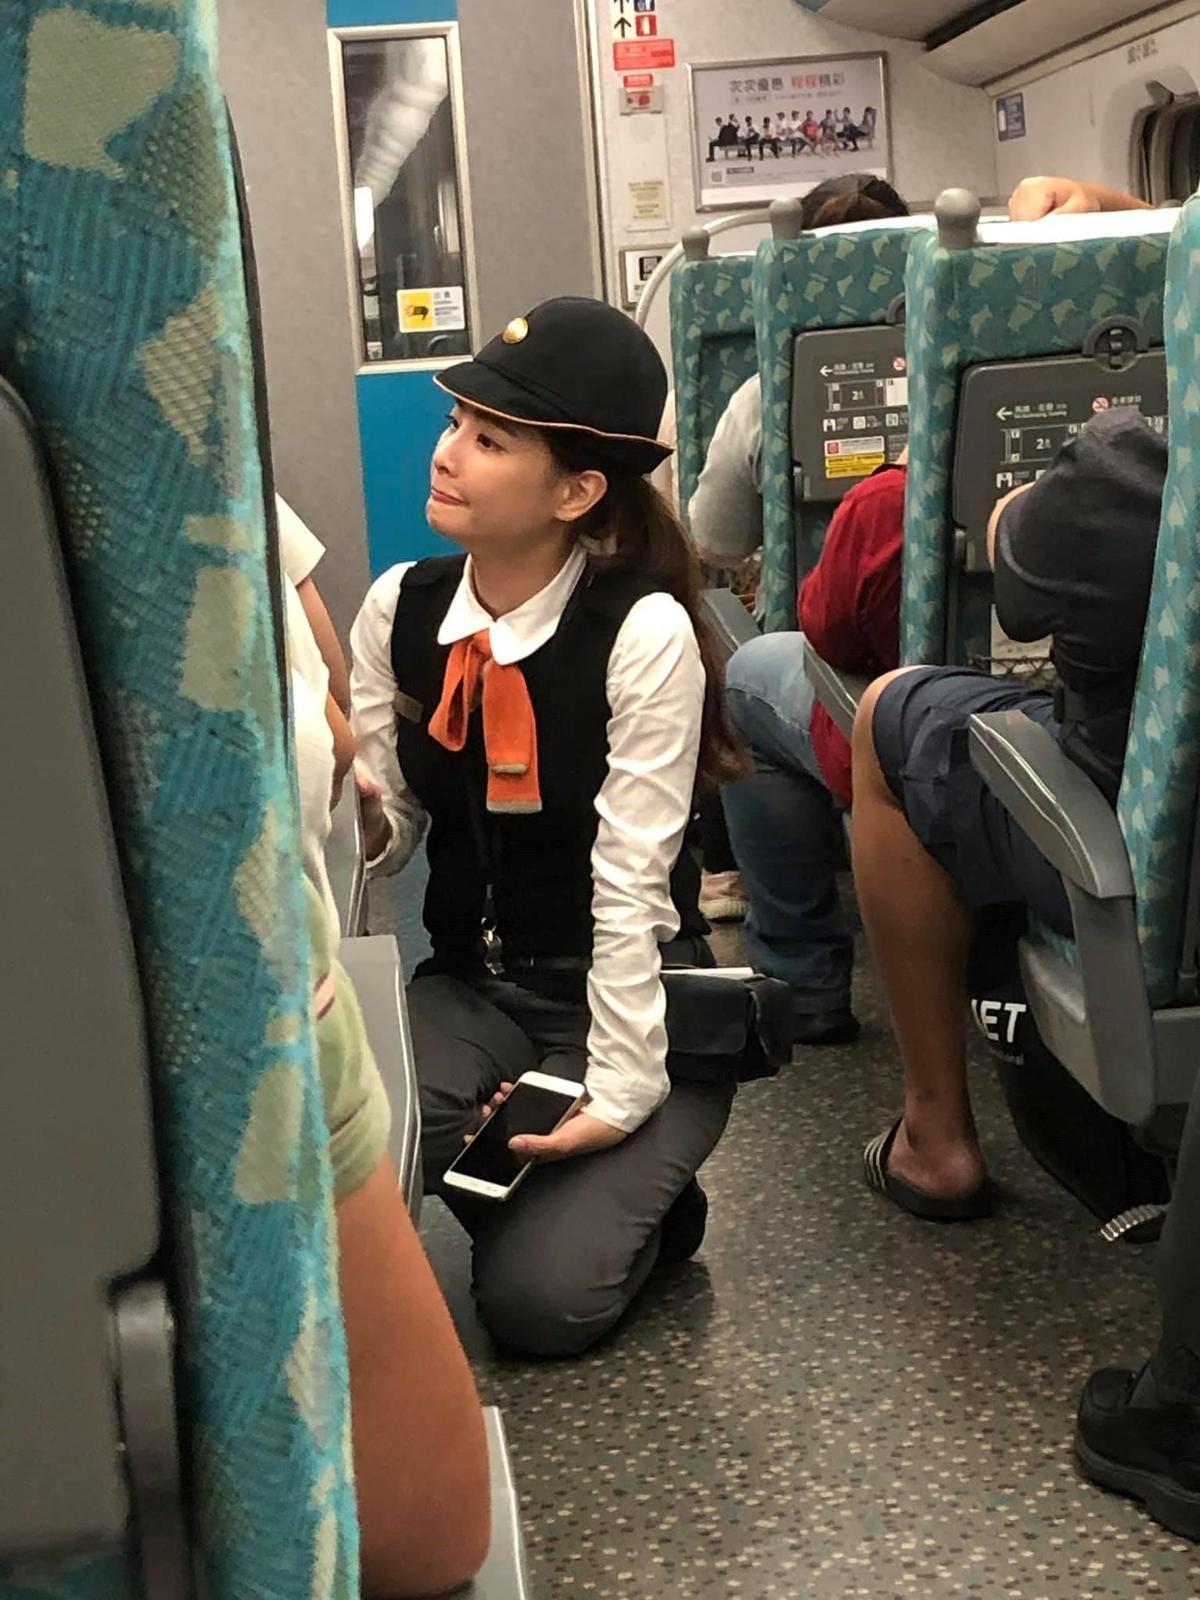 網友分享高鐵上拍到天使列車長。(翻攝自爆廢公社)